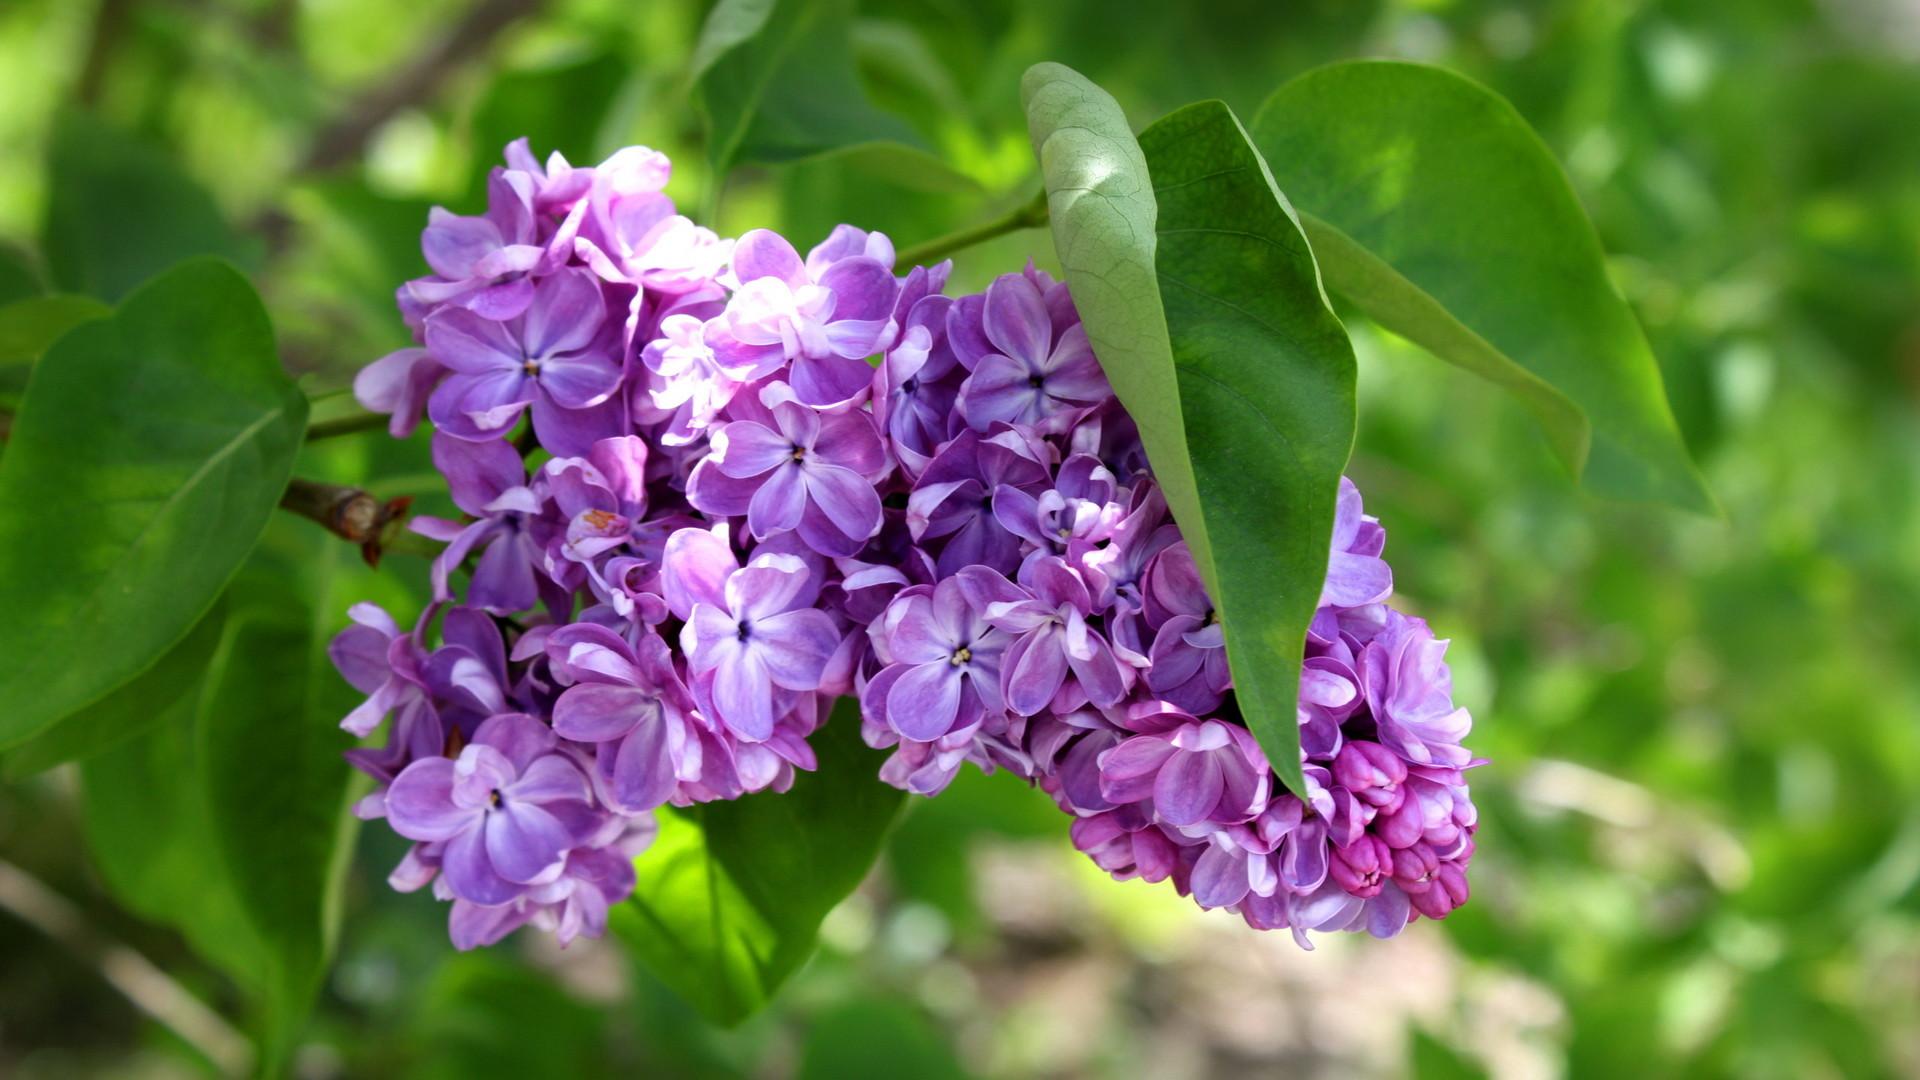 Sfondi fiori hd 71 immagini for Sfondi hd viola